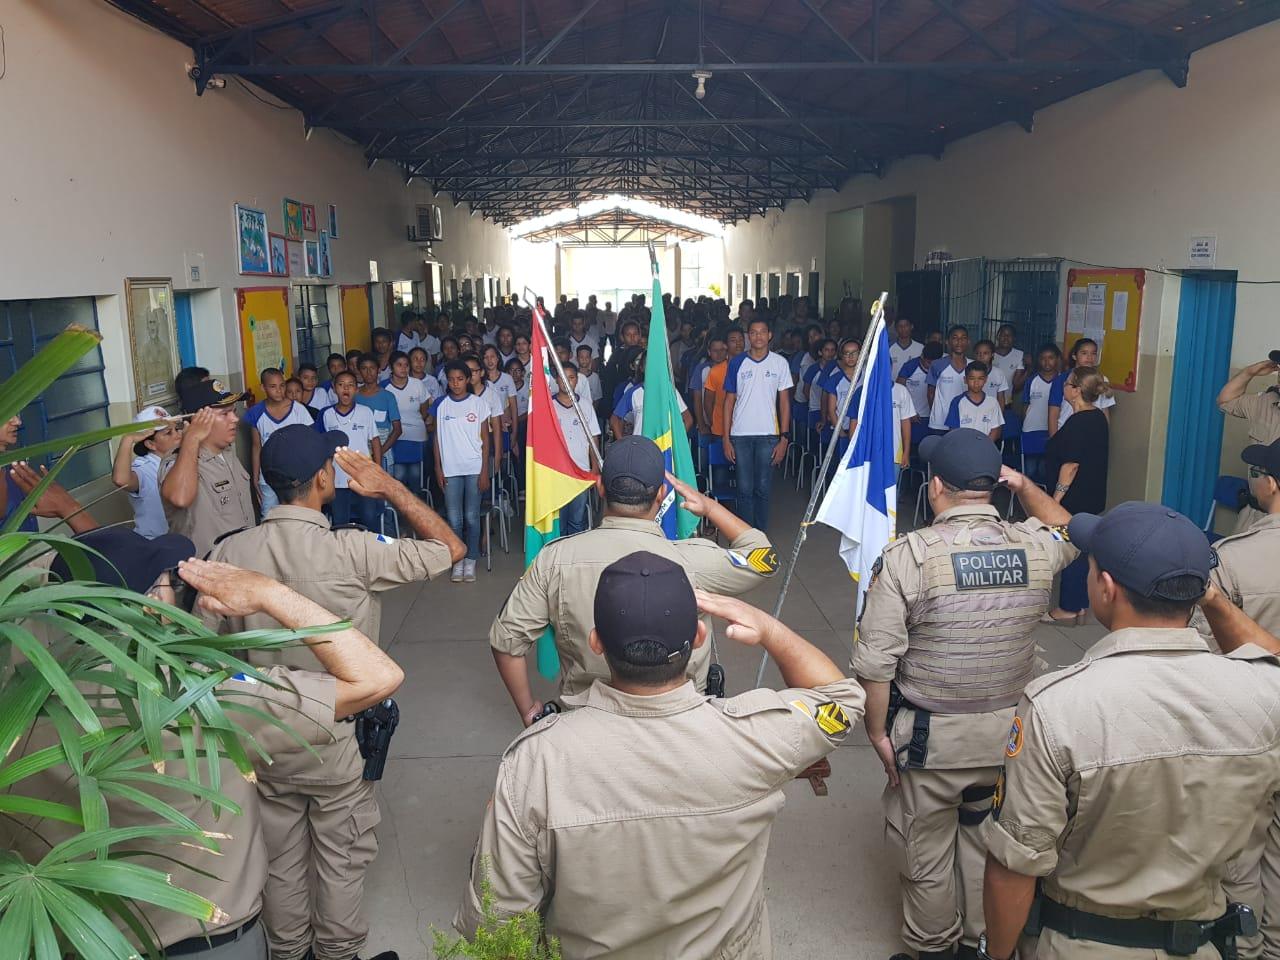 6ª CIPM promove palestra com tema contra Bulling, depressão e automutilação, para crianças do Colégio Oscar Sardinha, em Miracema